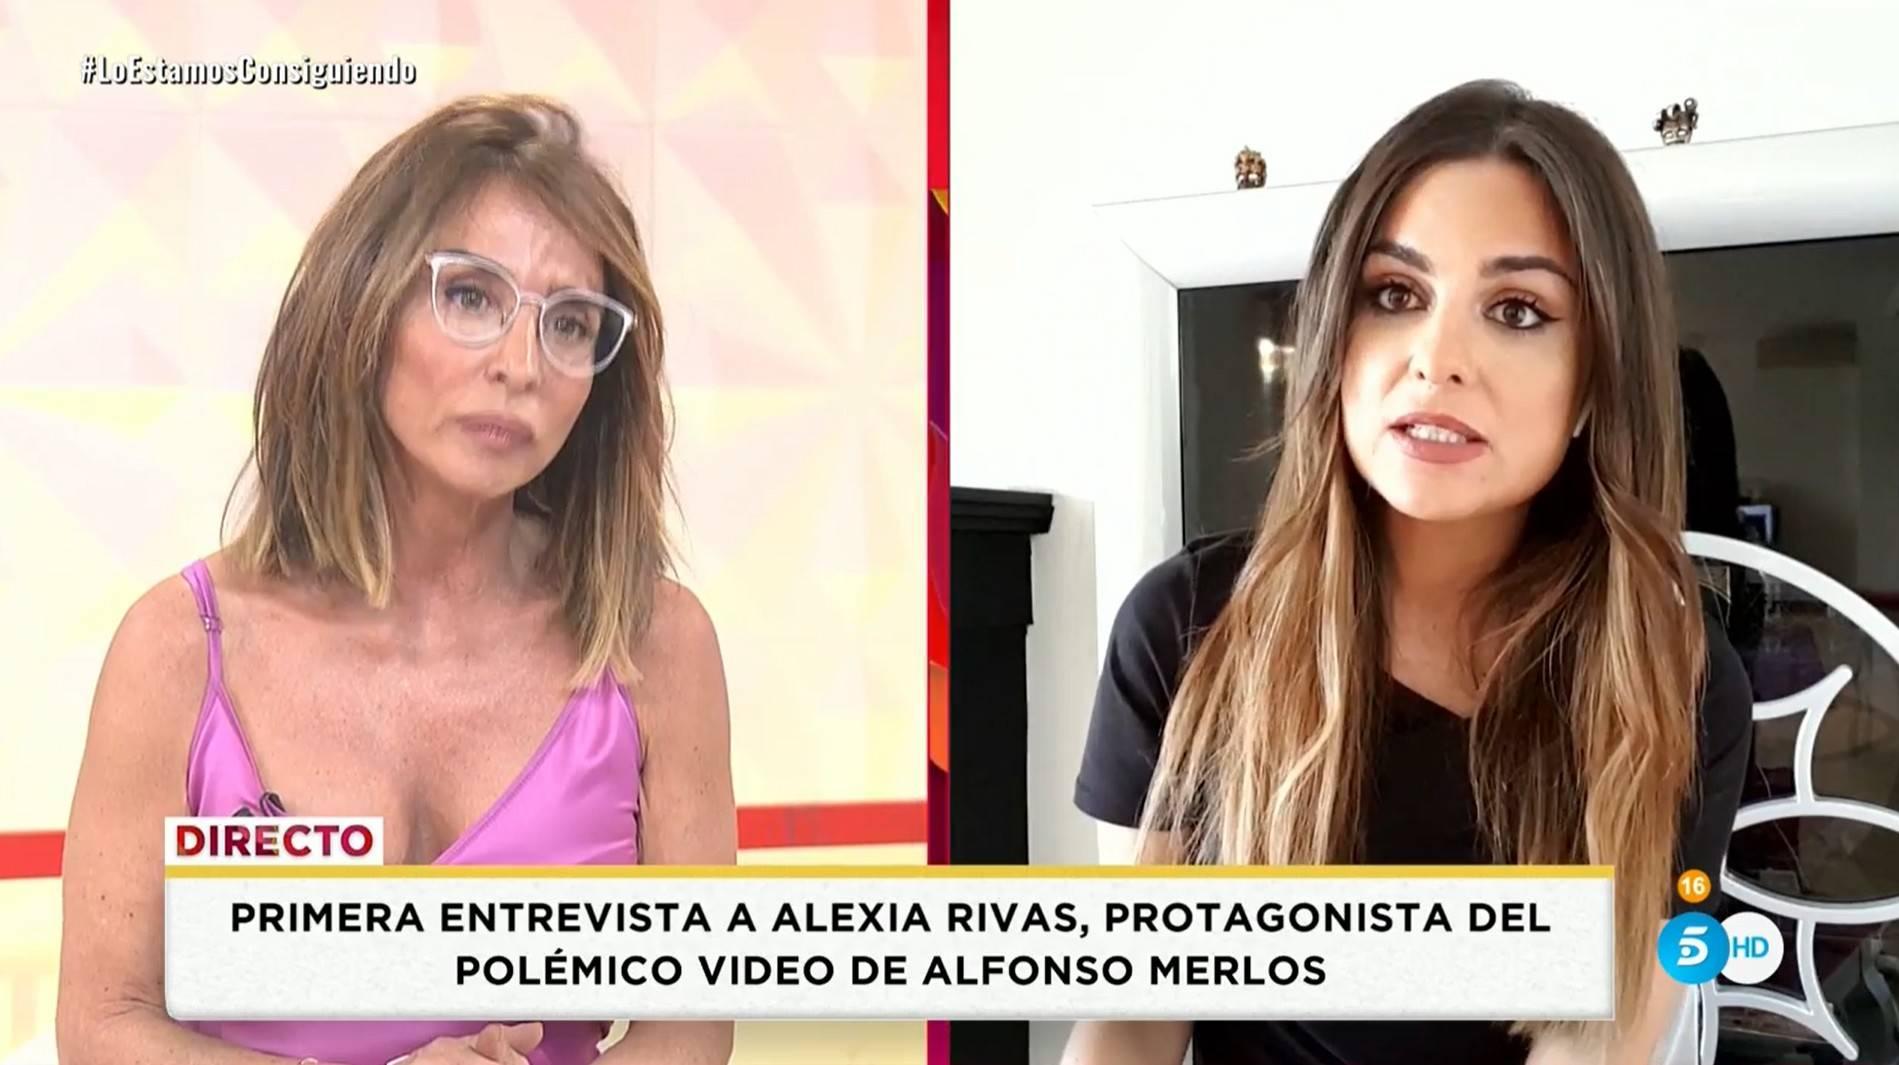 María Patiño destapa todas las traiciones de Alexia Rivas: ¿La novia de Merlos se va quedar en la calle?